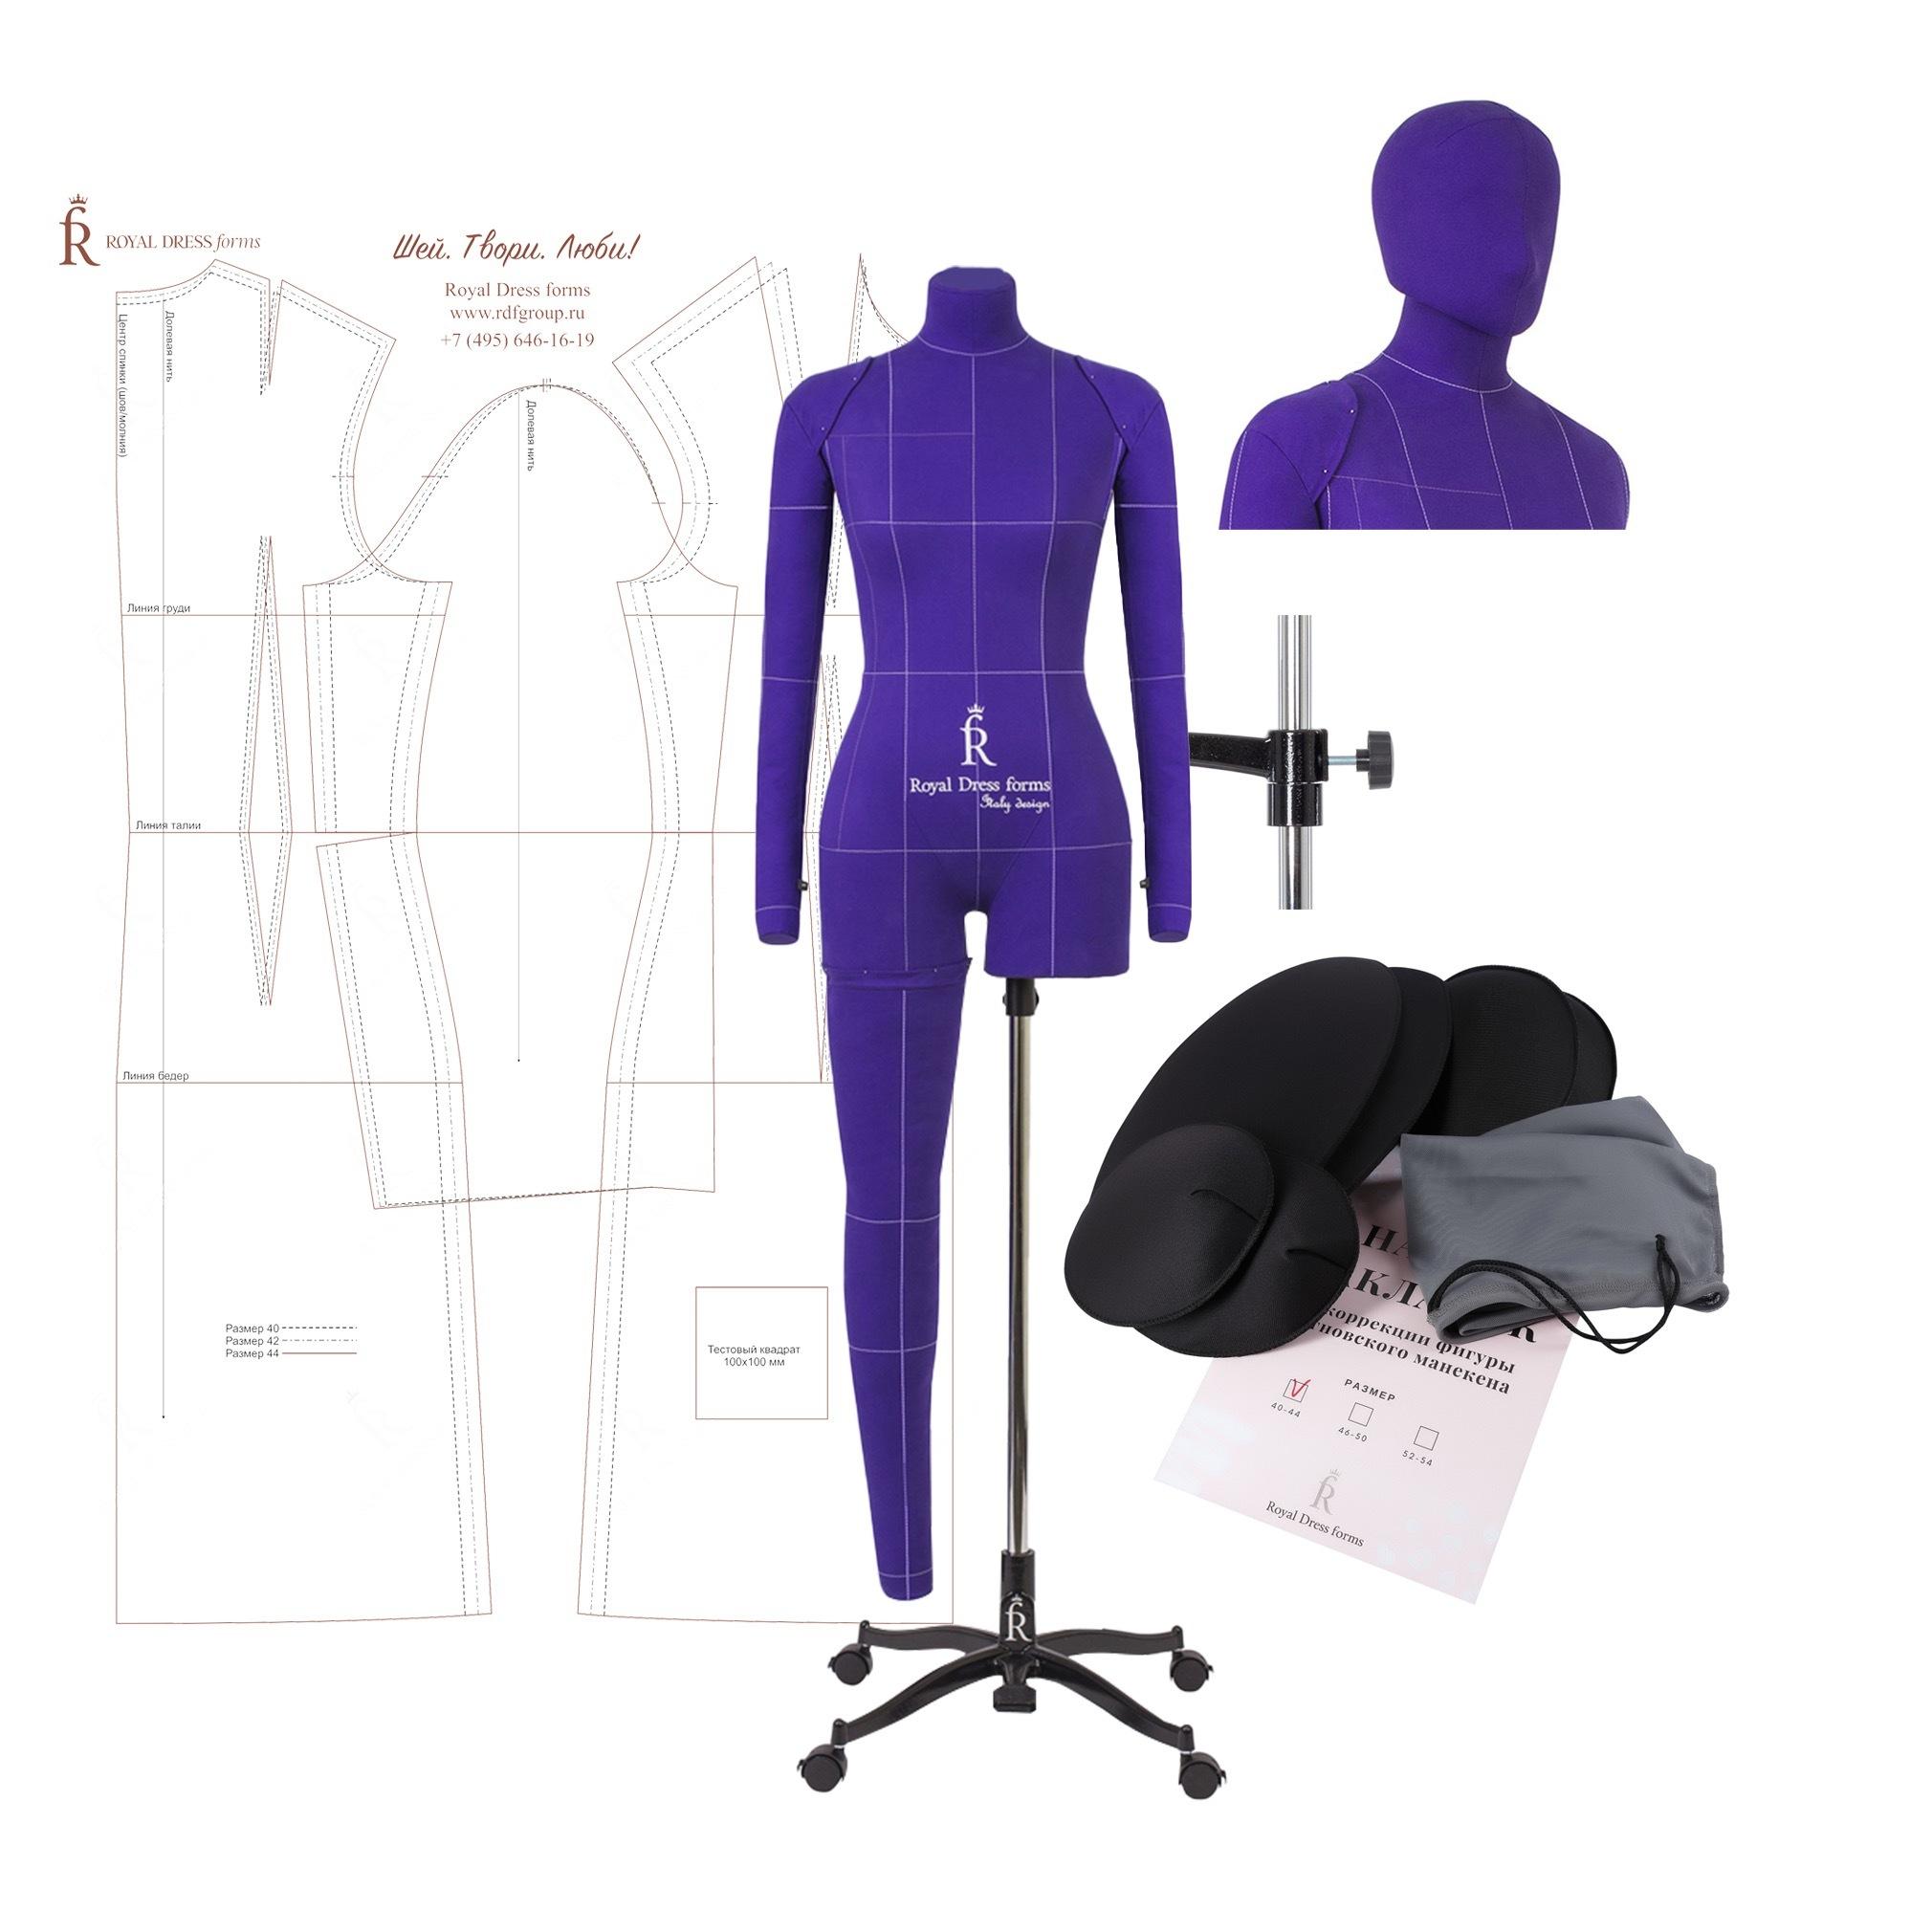 Манекен портновский Моника, комплект Арт, размер 44, тип фигуры Прямоугольник, фиолетовыйФото 0